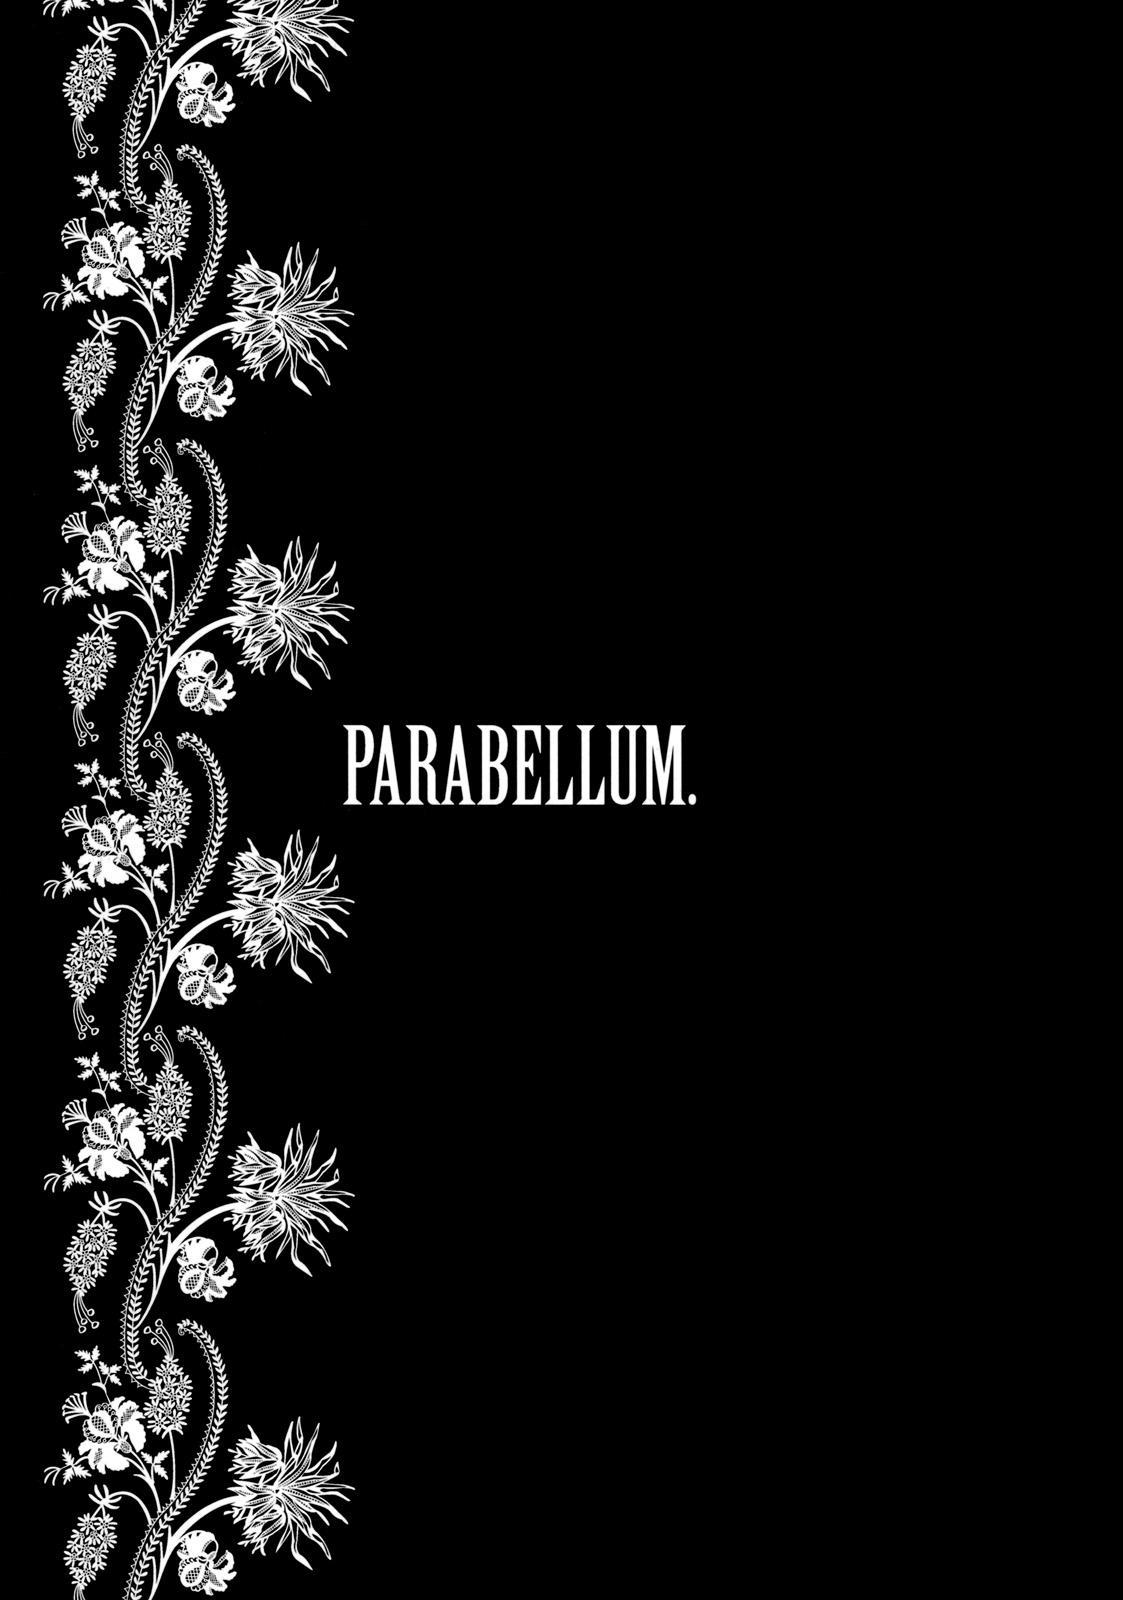 Parabellum 19